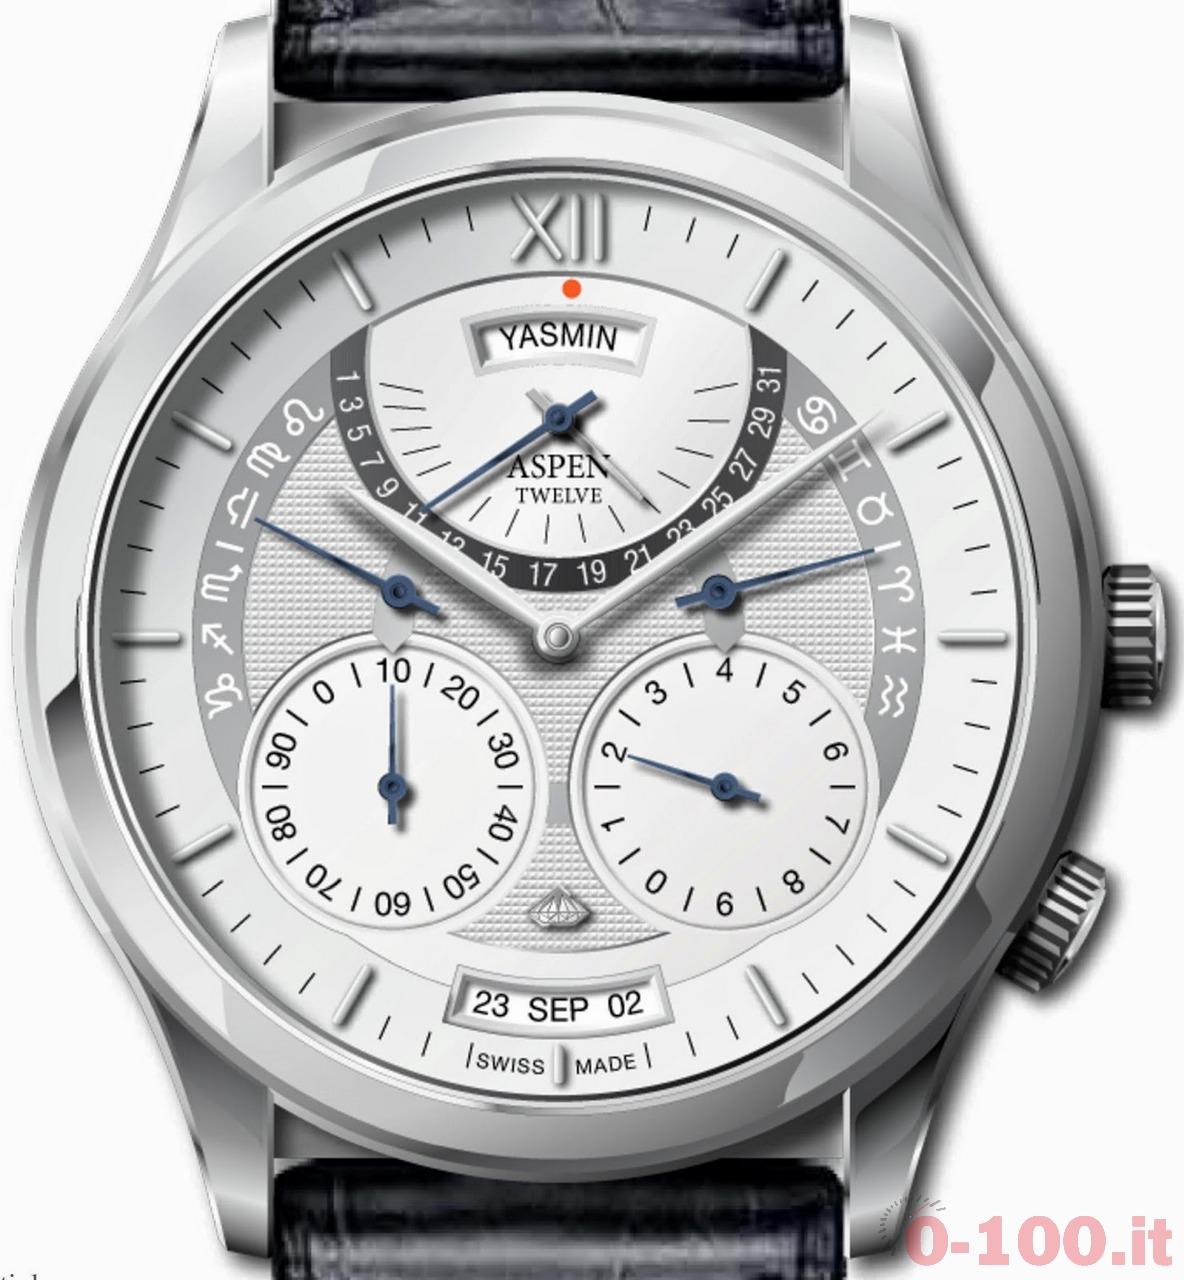 aspen-jewelry-watches-aspen-xii-personal-calendar-watch-zodiac-prezzo-price-0-100_5